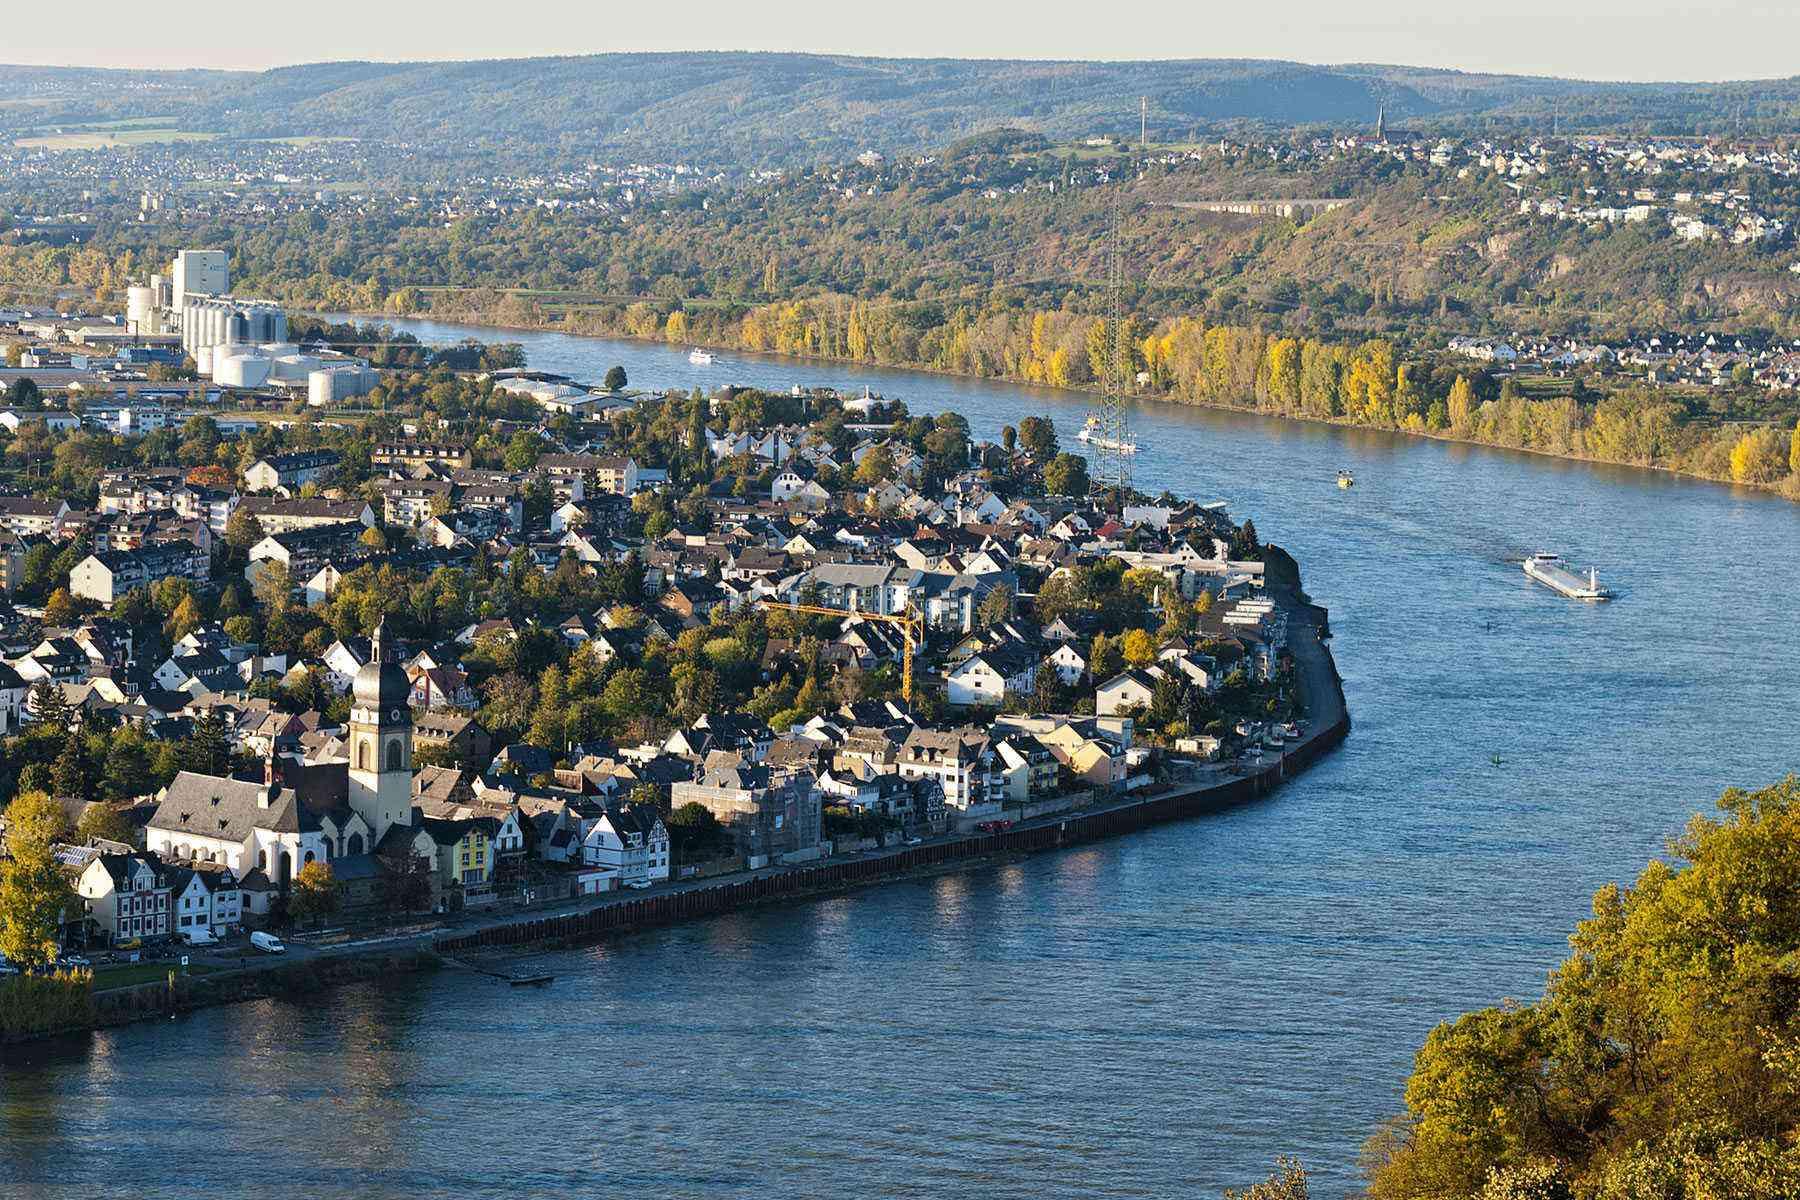 Rhine-River-Cruise-Koblenz-2